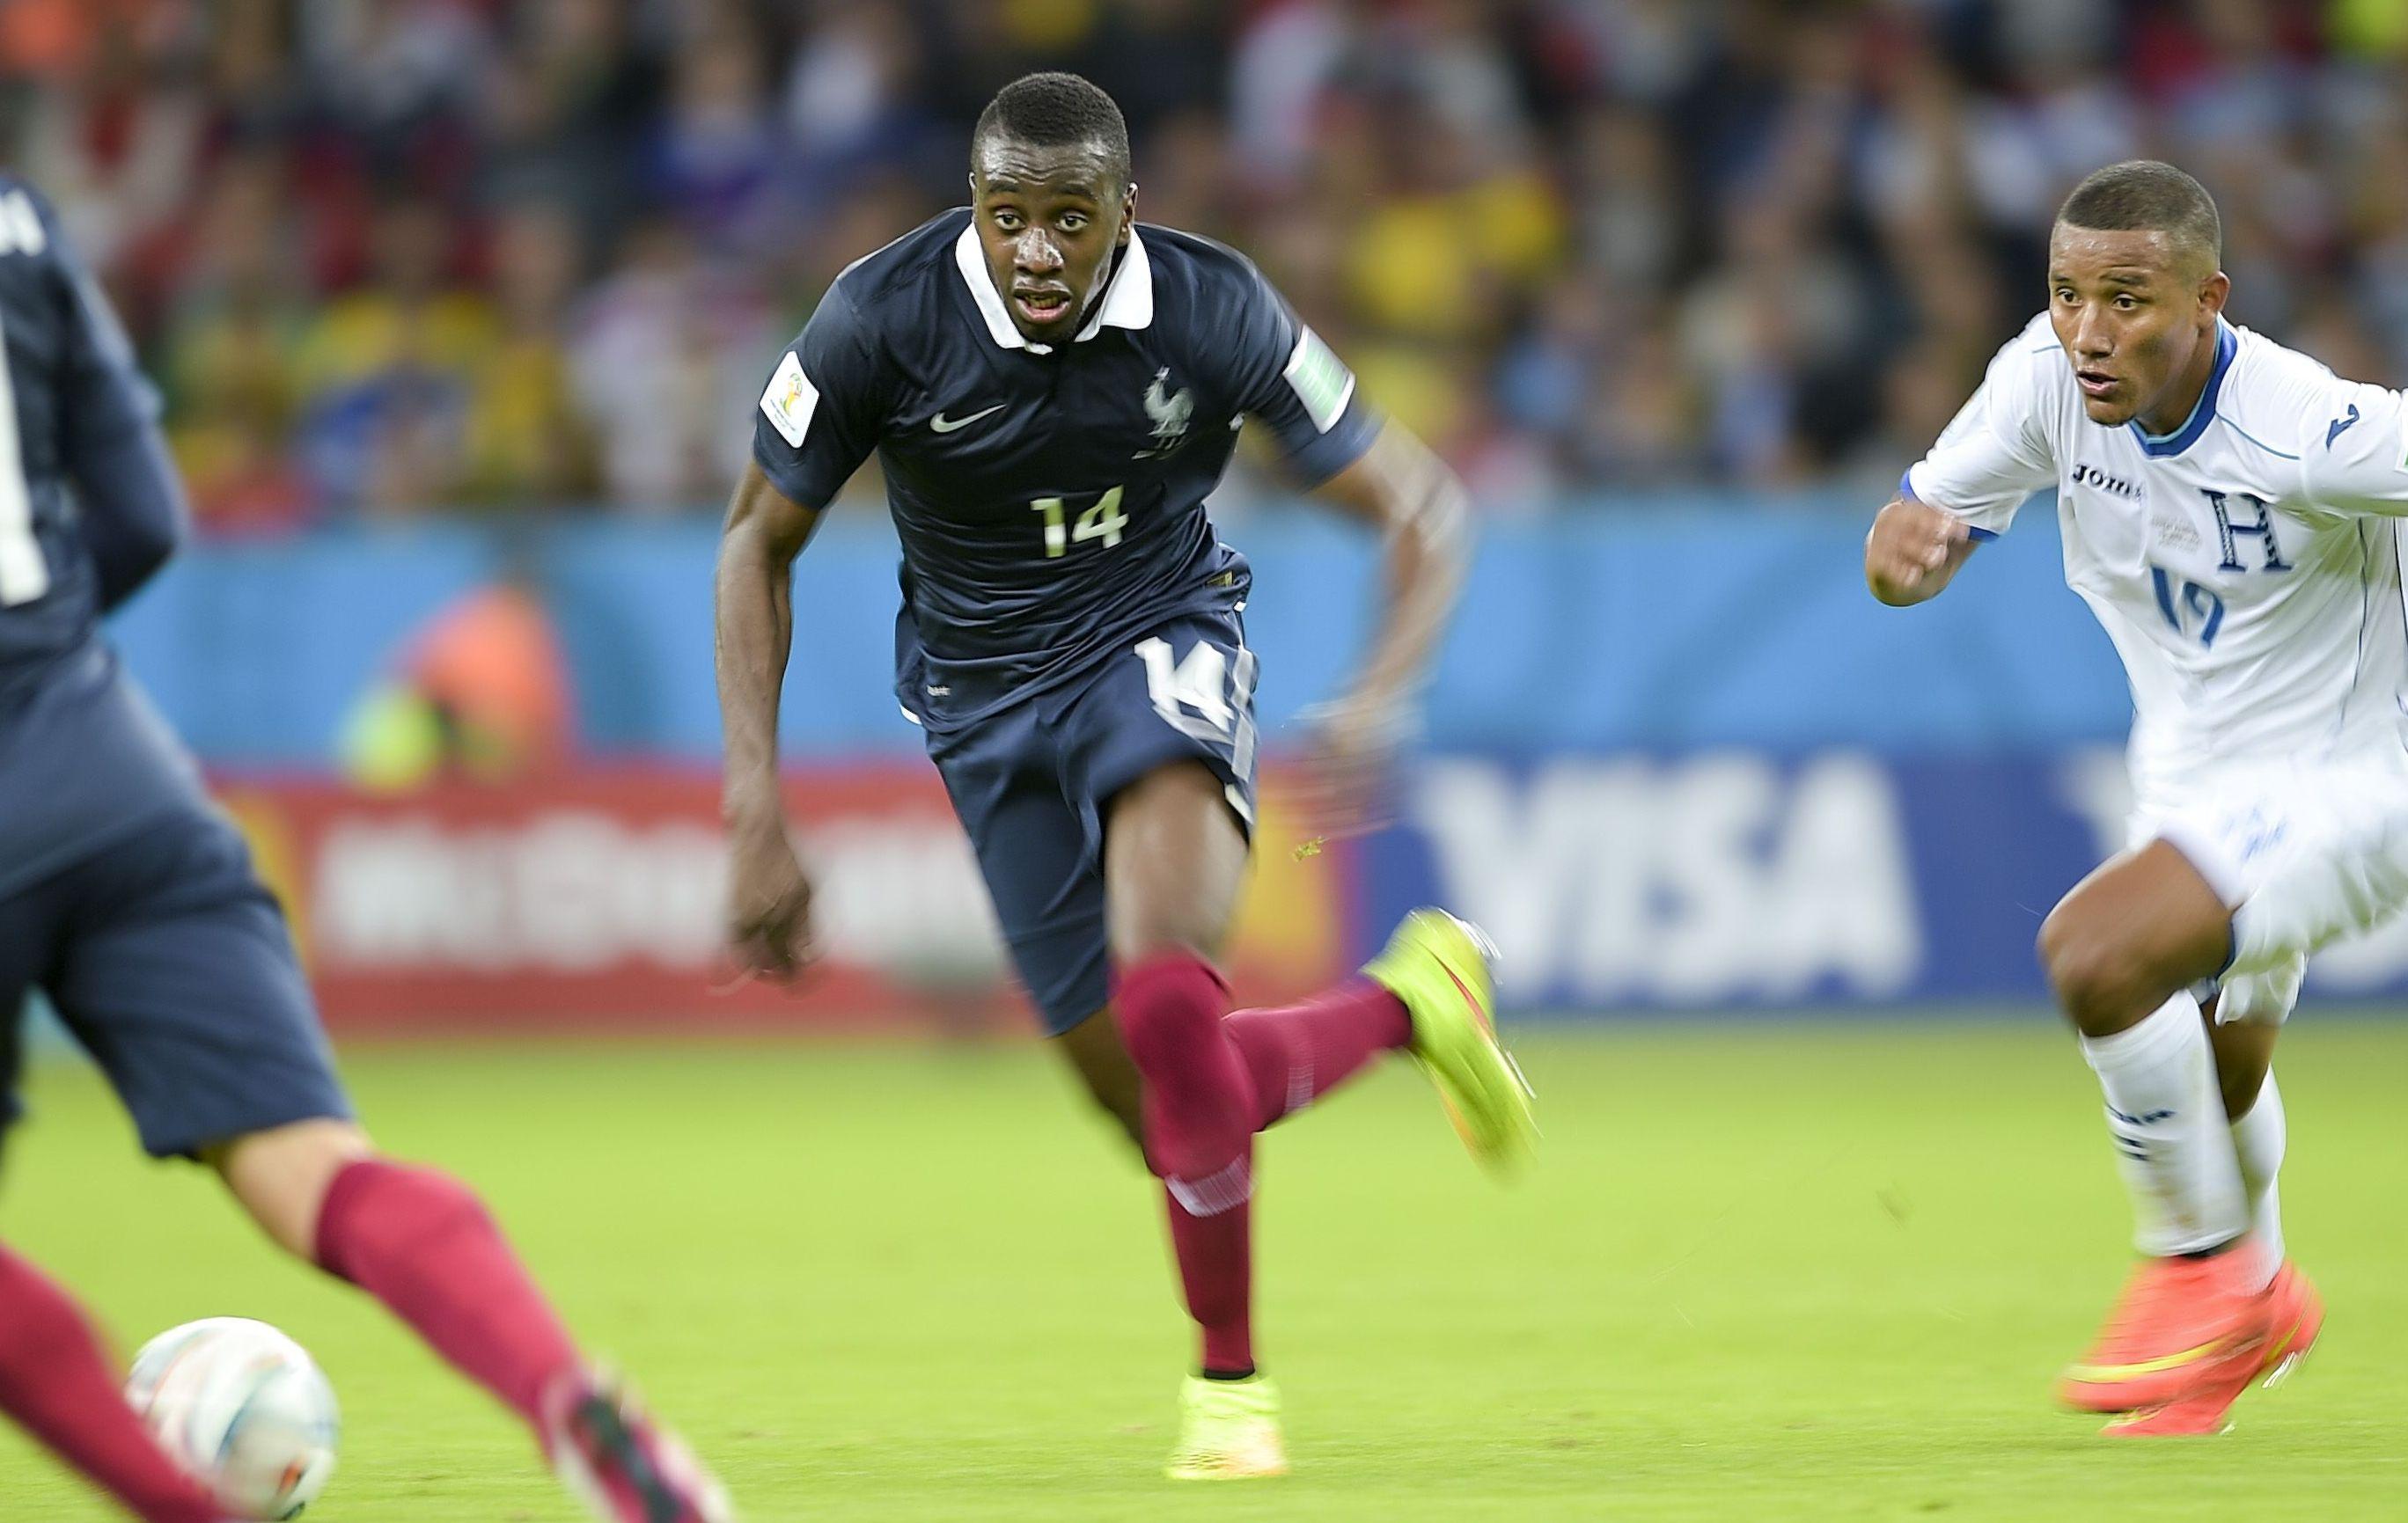 France honduras en chiffres equipe de france 2014 br sil coupe du monde football - Jeux de football coupe du monde 2014 ...